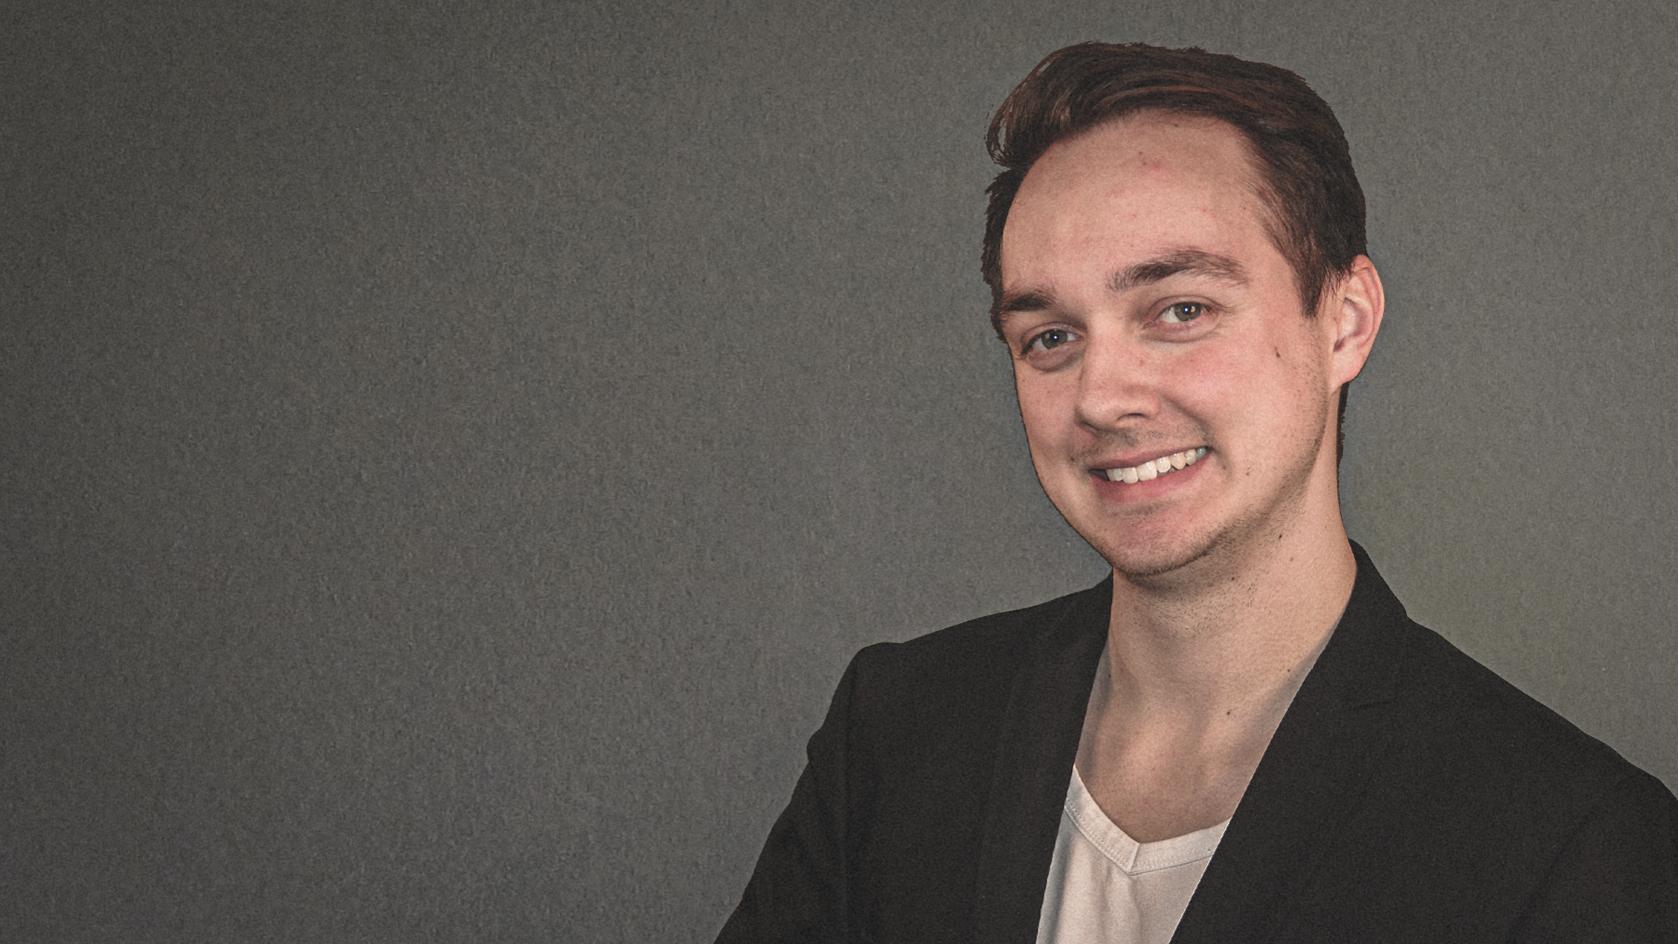 Profil billede af Thomas Lindrup